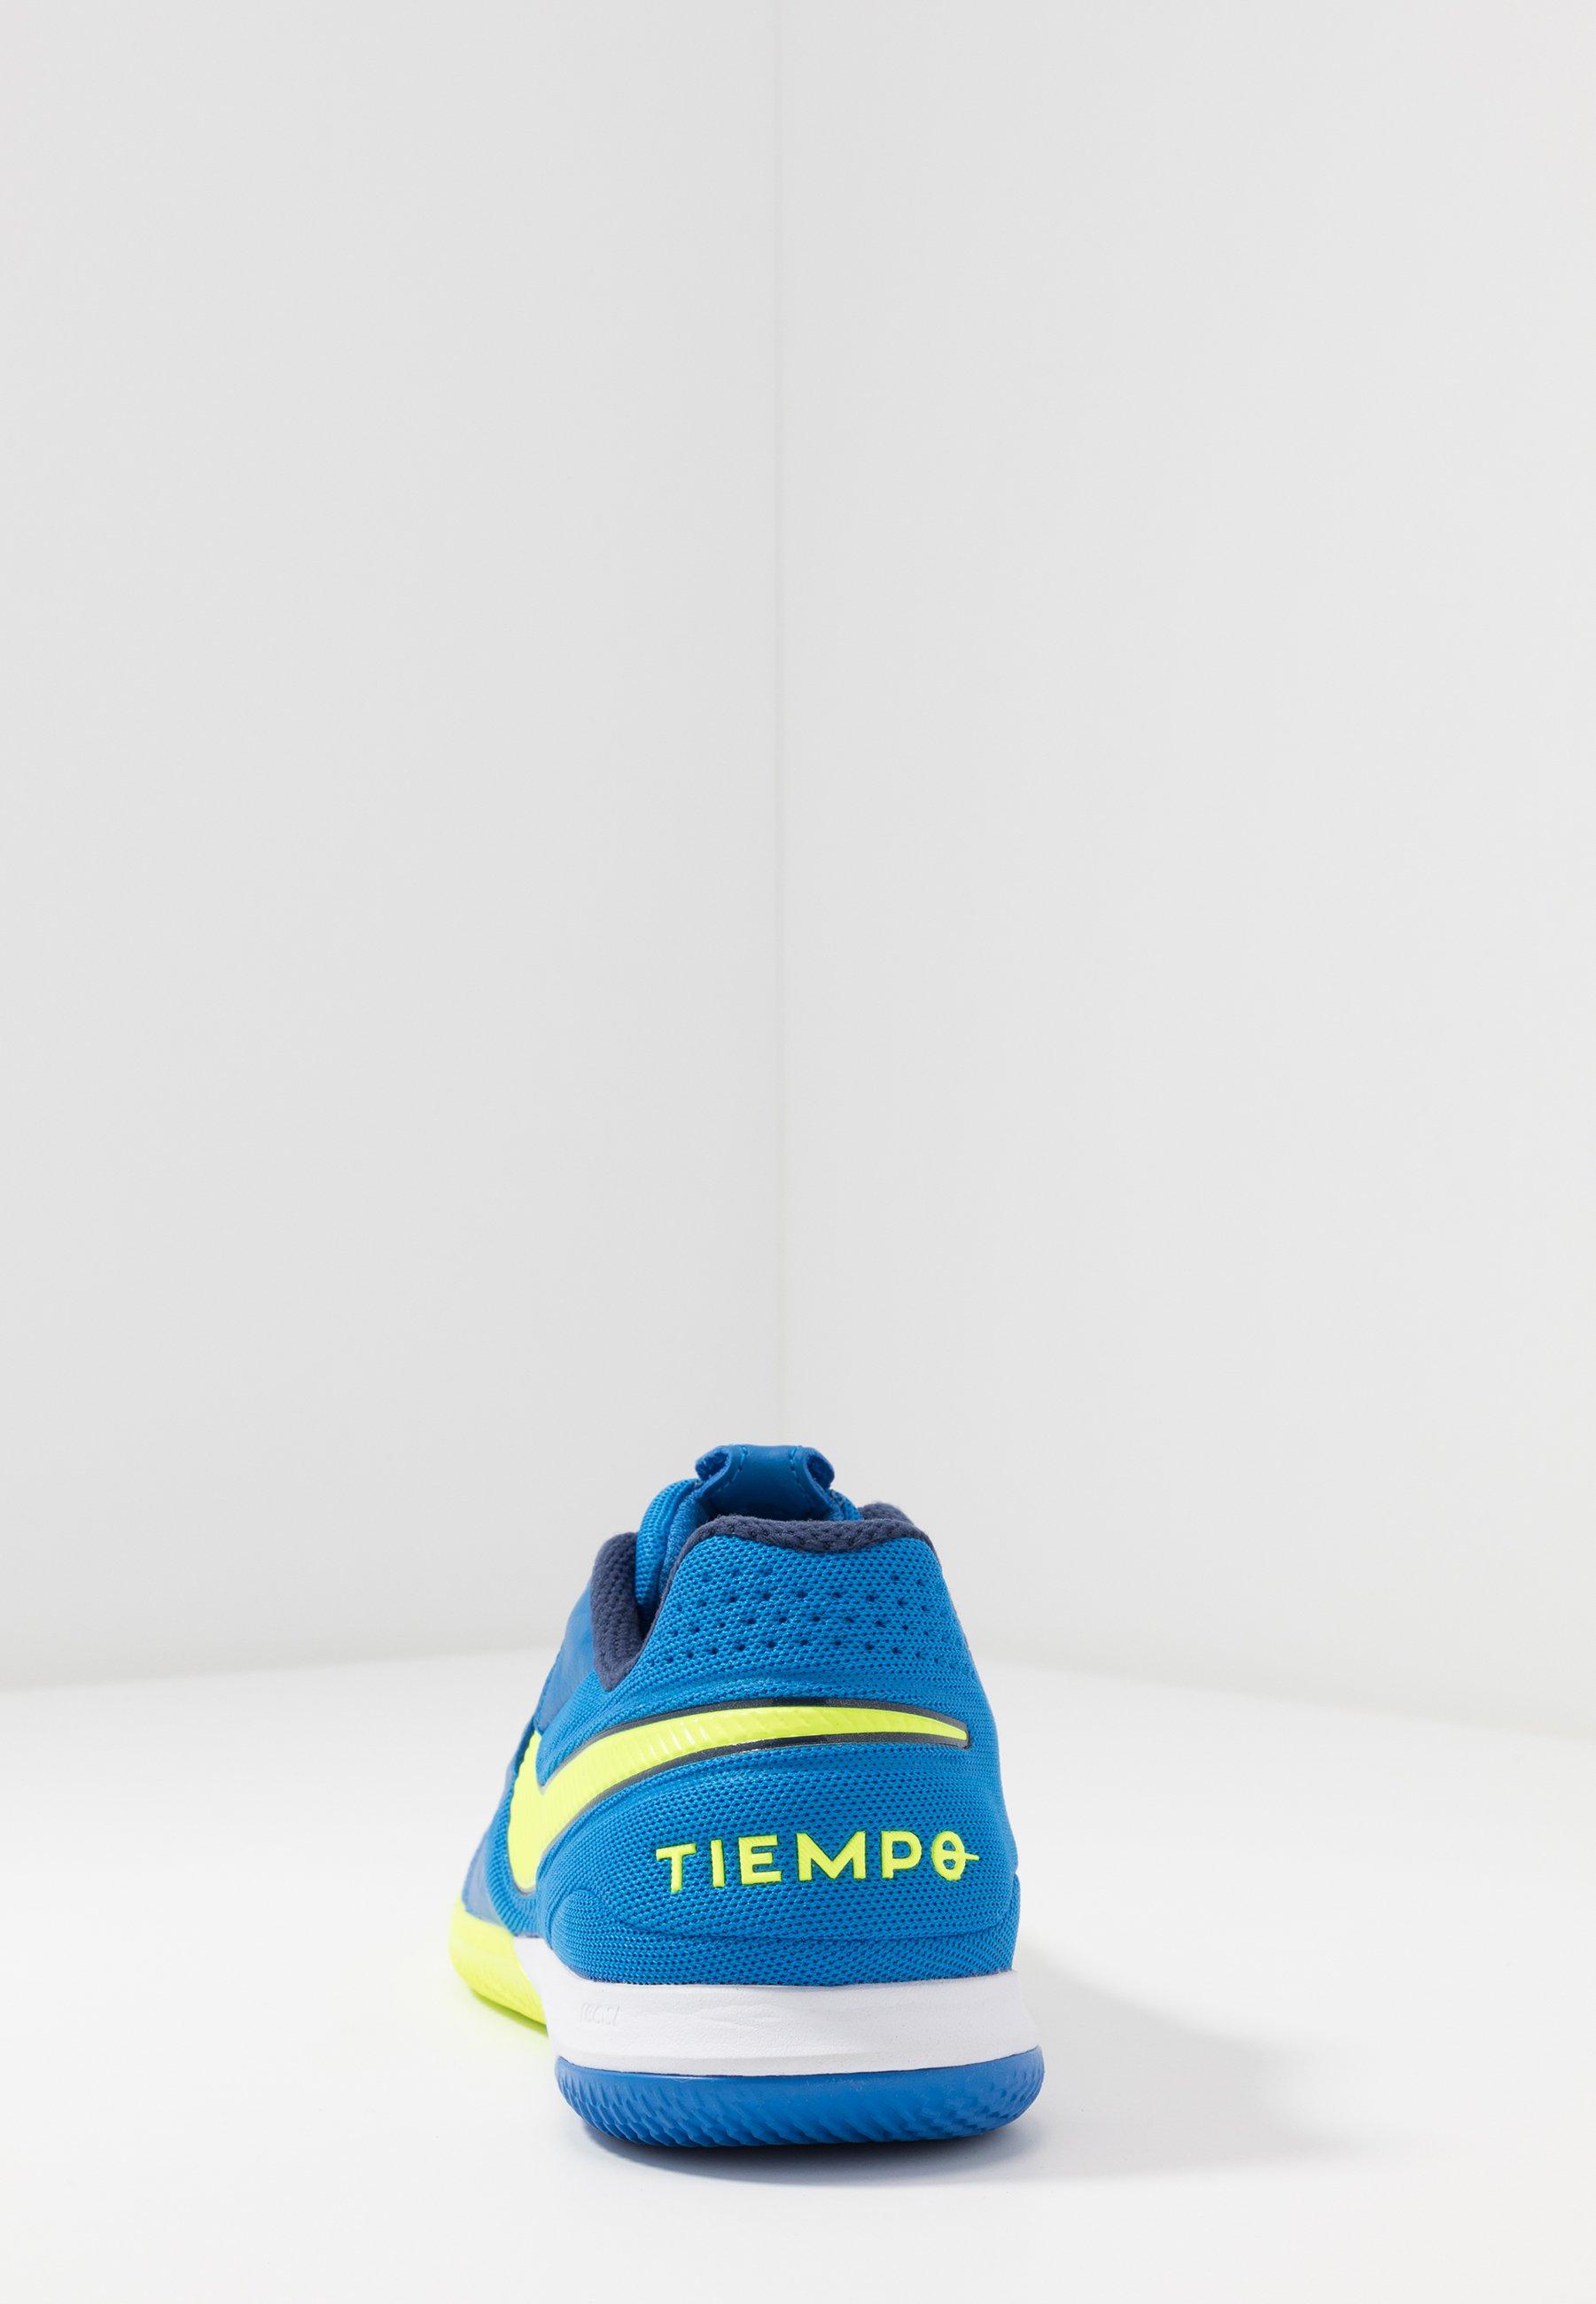 Nike Performance TIEMPO REACT LEGEND 8 PRO IC - Fußballschuh Halle - soar/midnight navy/volt/blau - Herrenschuhe xUTSn